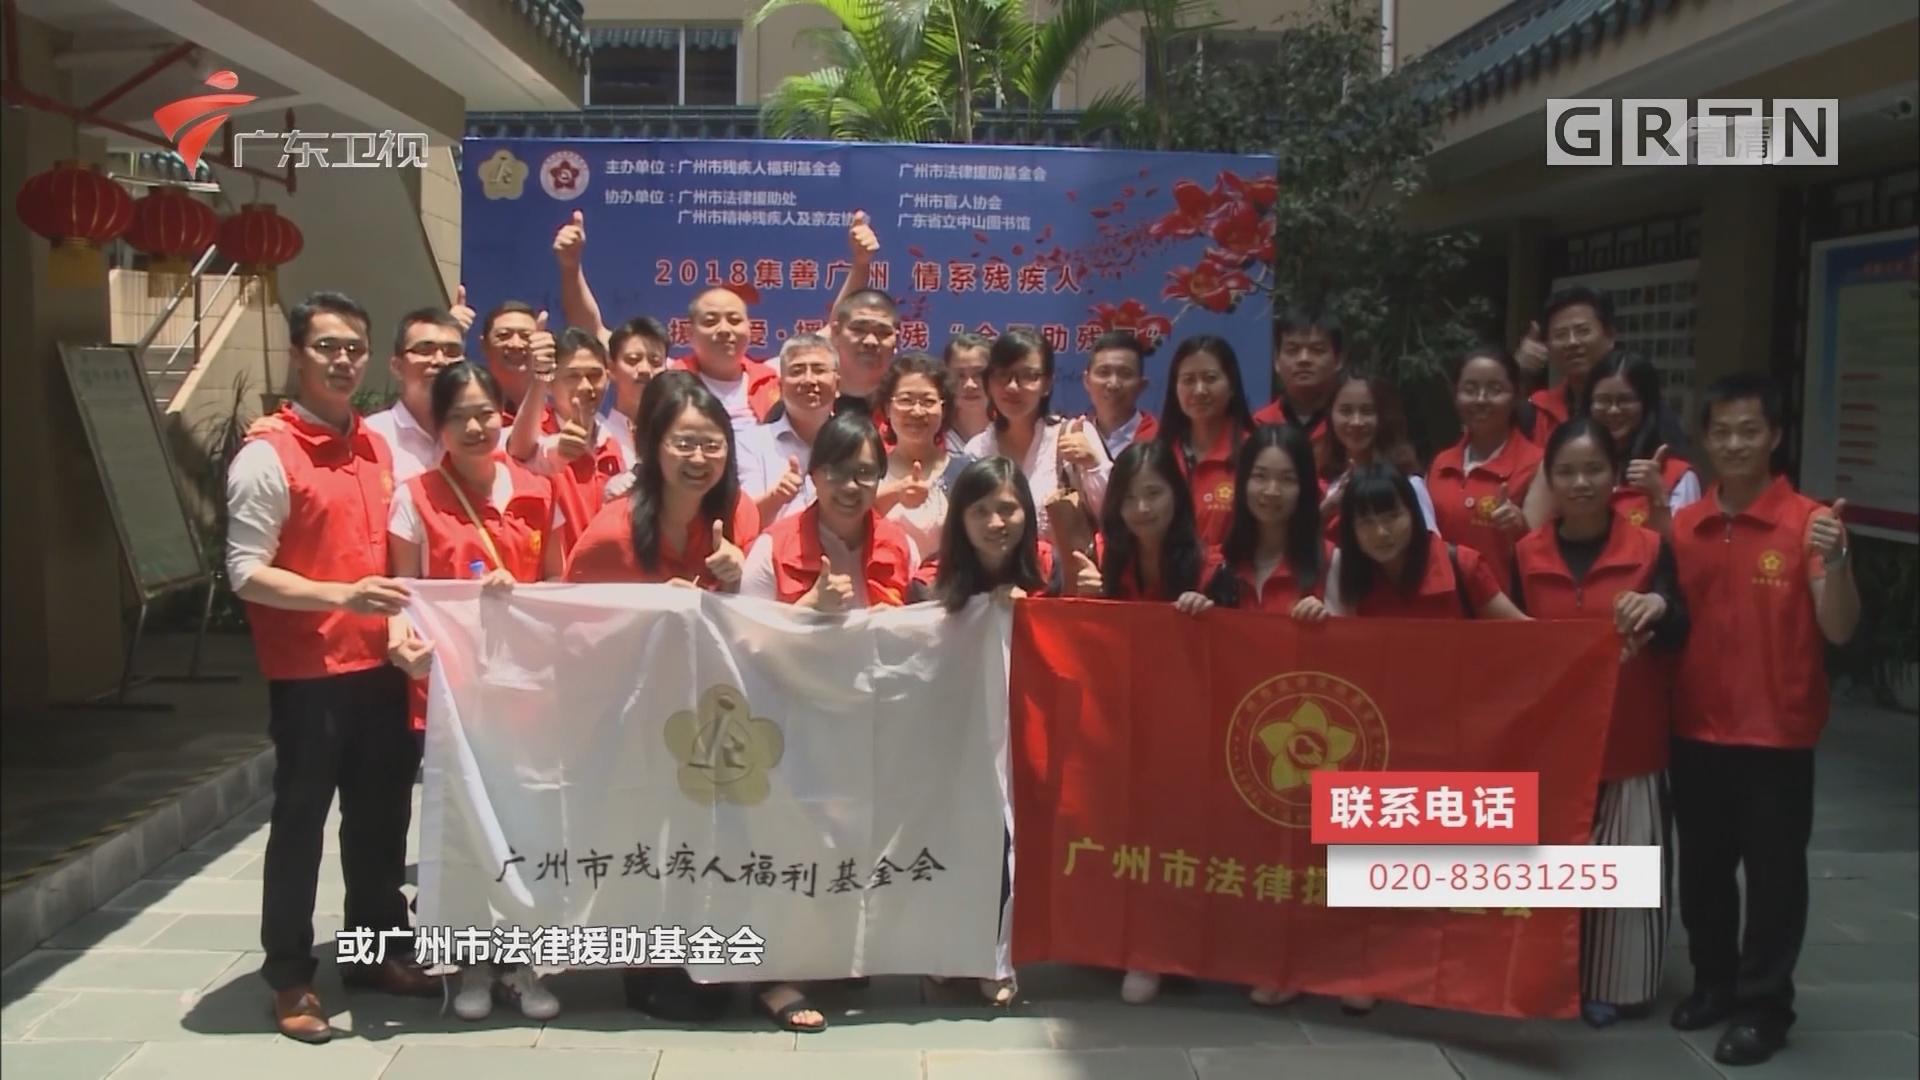 广州:关爱残疾人 法援人在行动